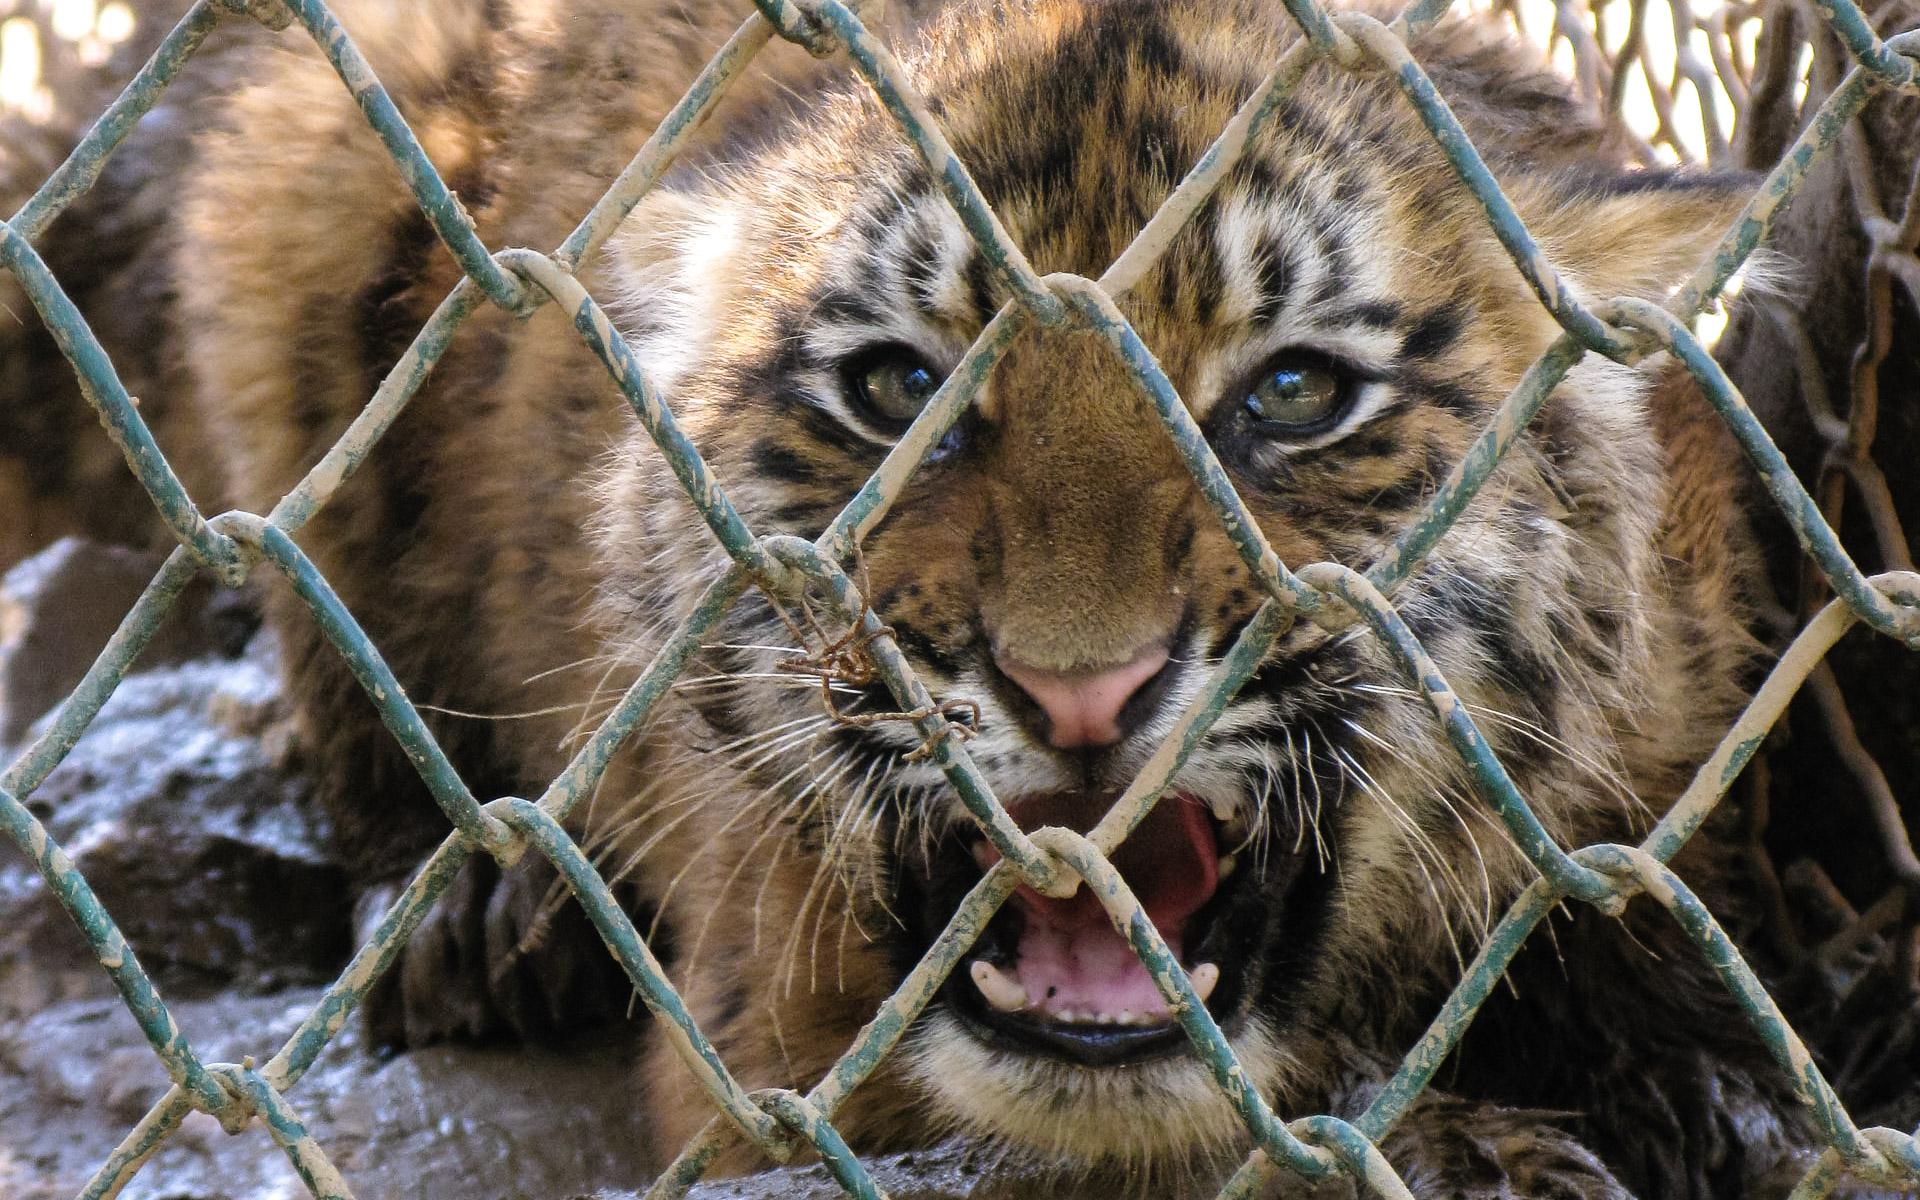 caged tiger snarling